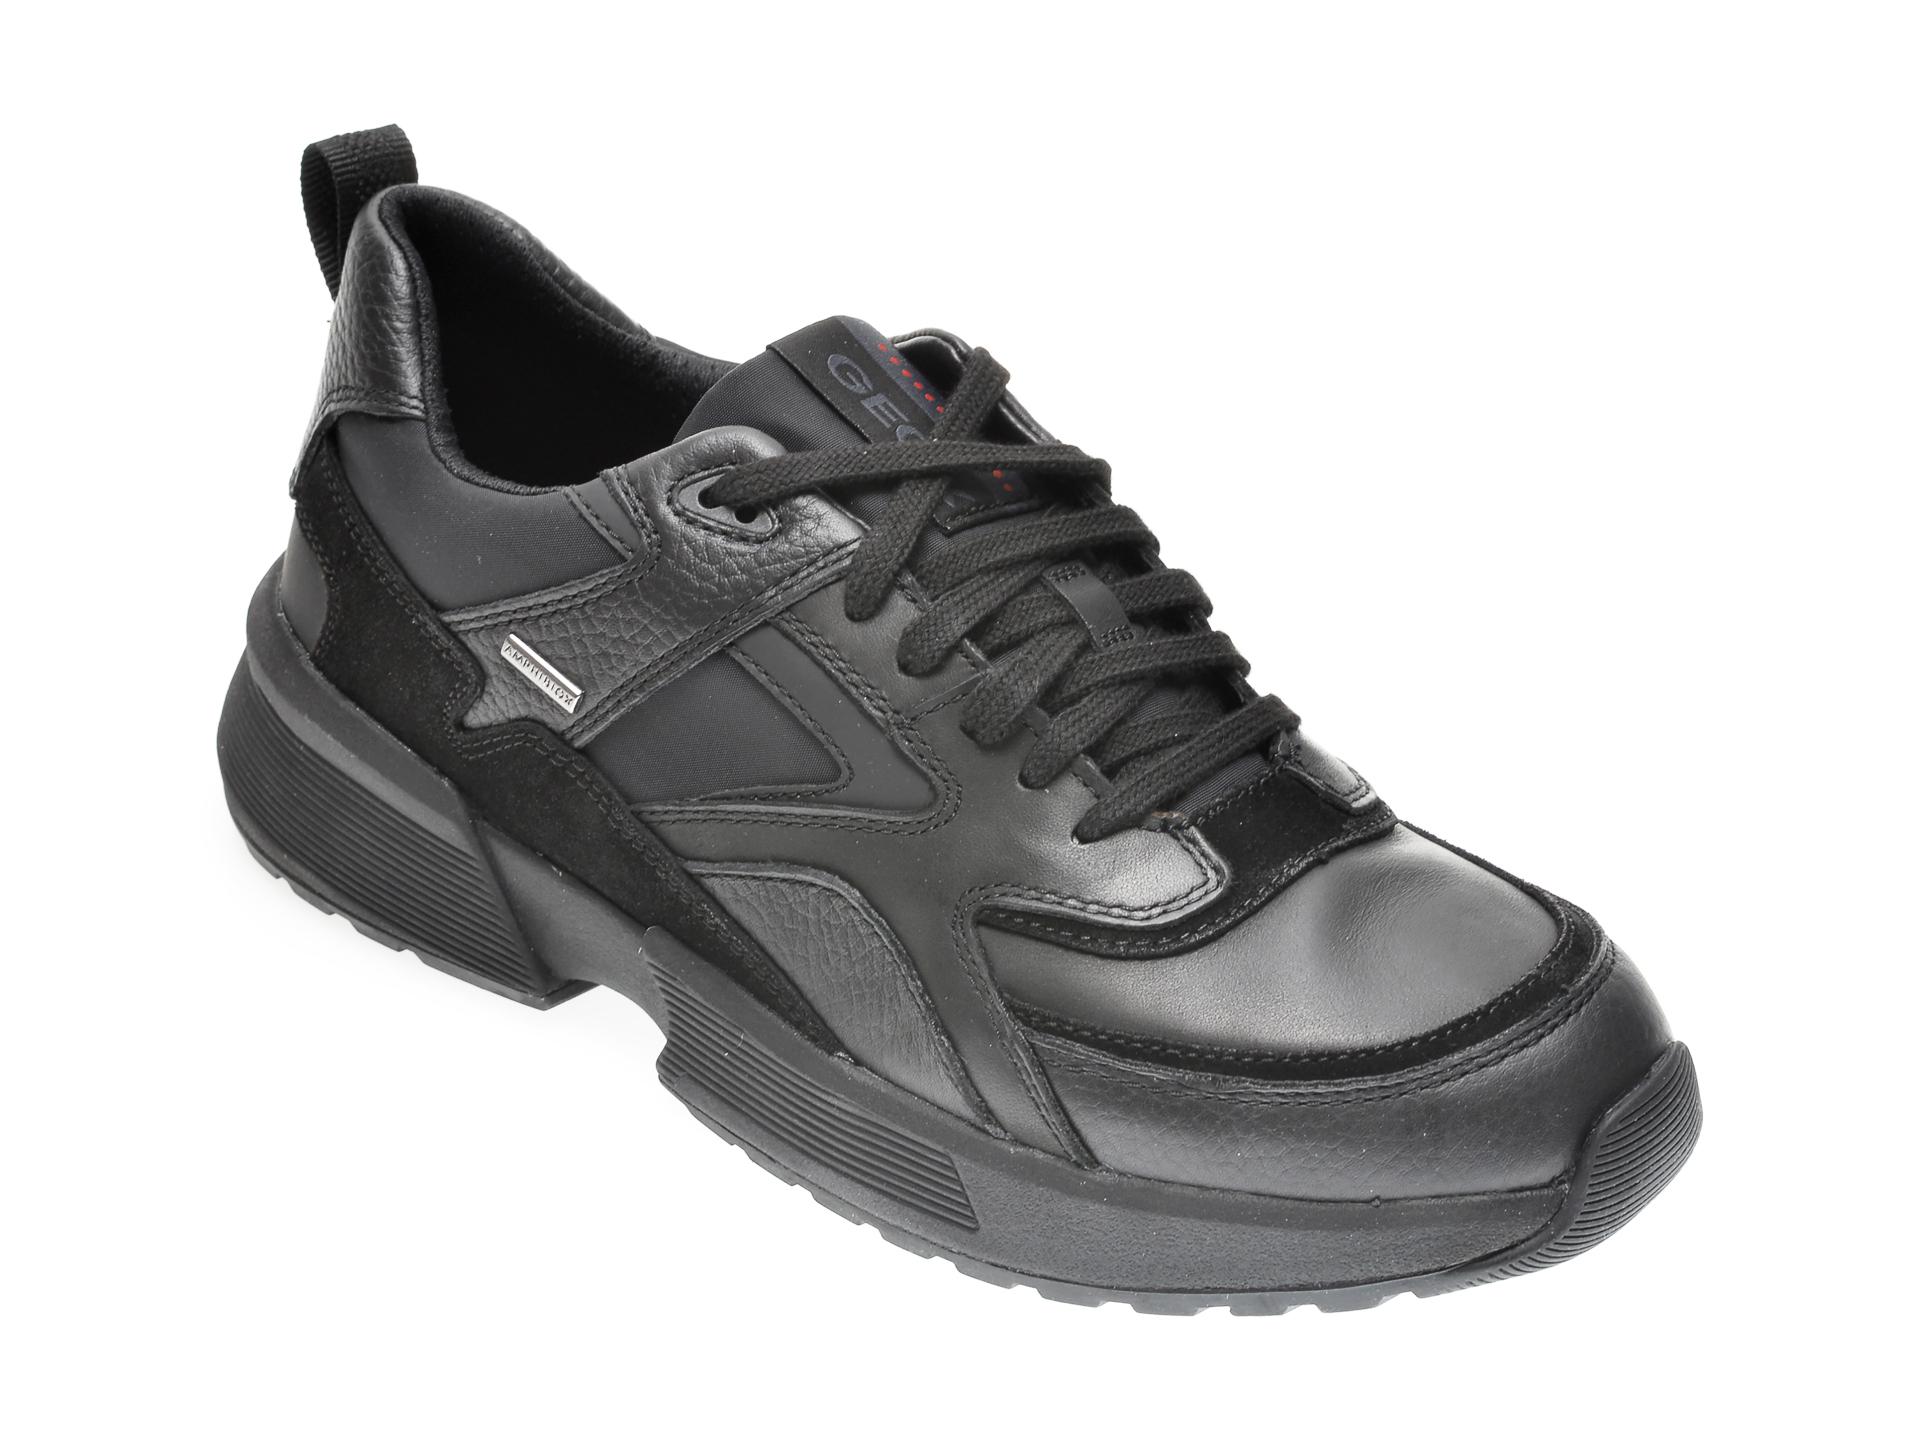 Pantofi GEOX negri, U04AUA, din piele naturala imagine